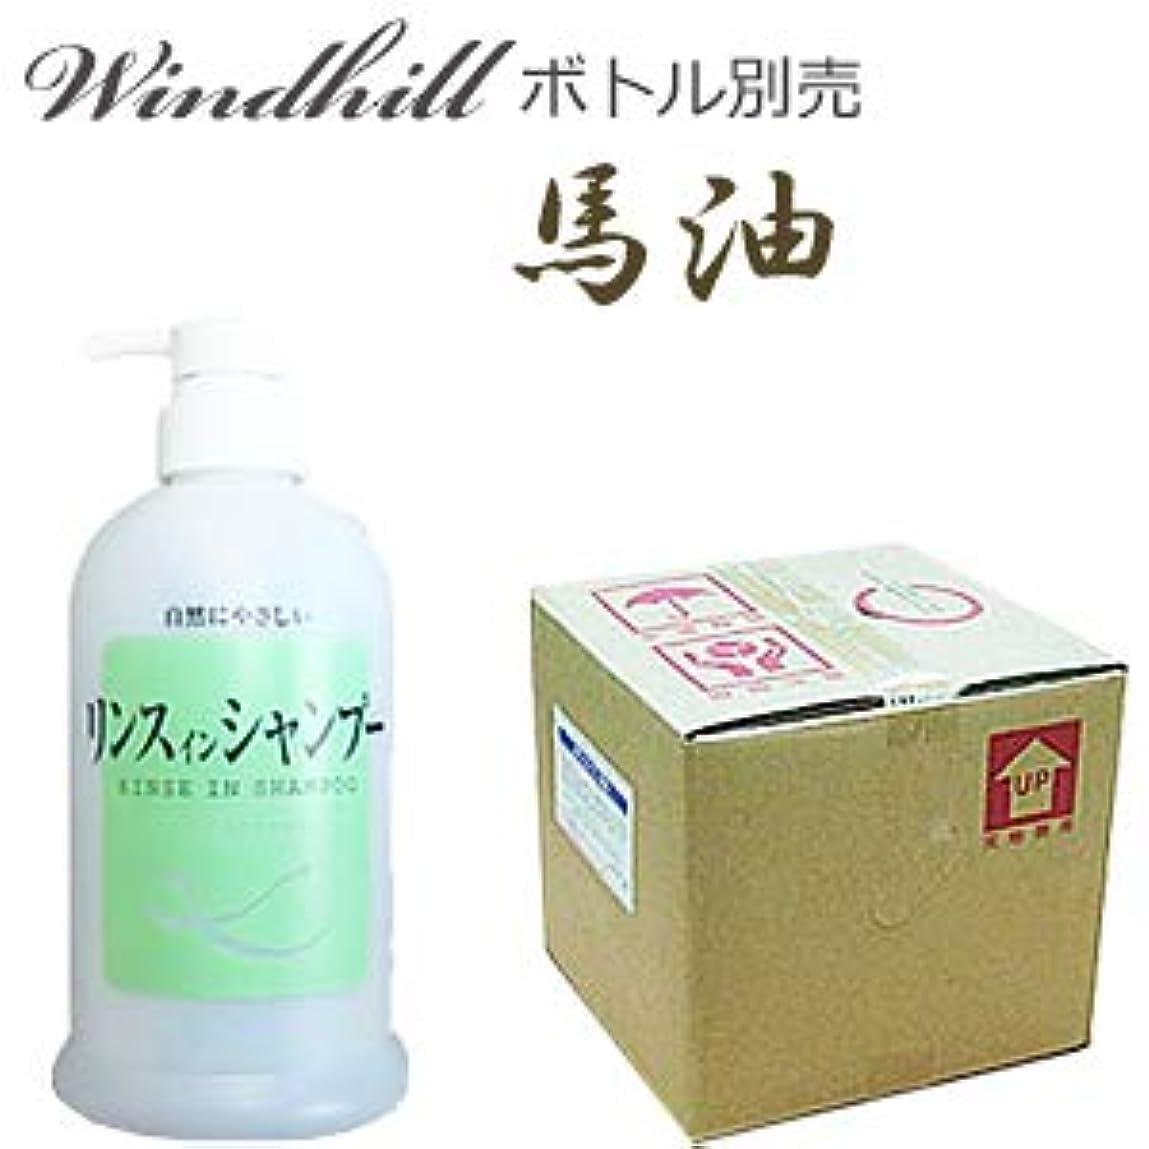 シロクマ免除する抑圧Windhill 馬油 業務用 リンスイン シャンプー フローラルの香り 20L